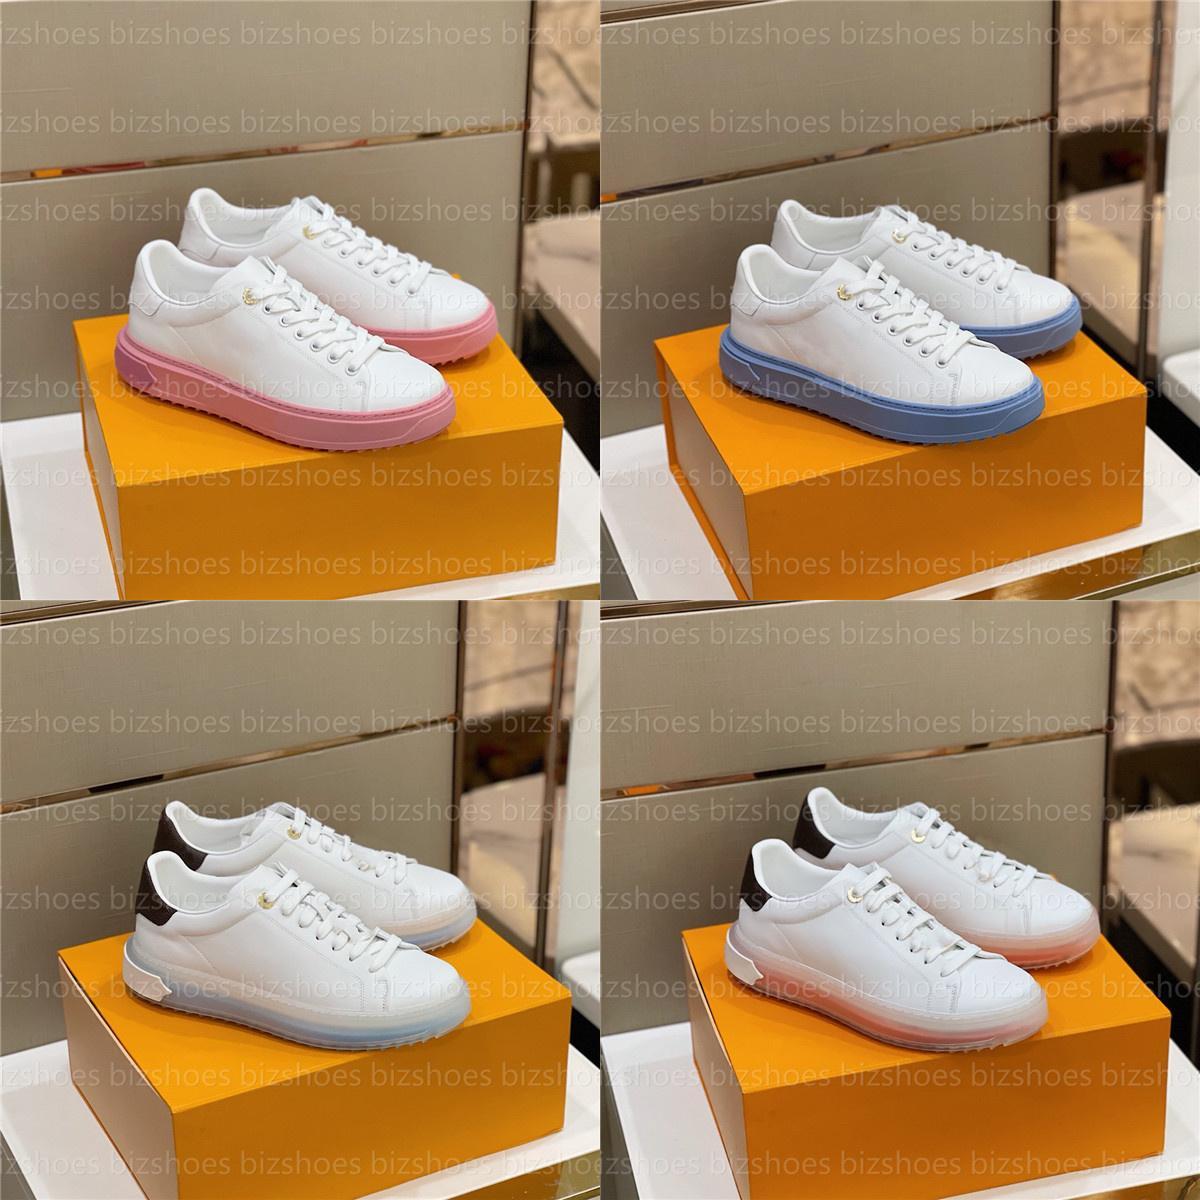 Zaman aşımı Sneaker Luxurys Tasarımcılar Ayakkabı Baskılı Beyaz Buzağı Deri Yükseltilmiş Yuş 3-D Desen Oyulmuş Delikli Rahat Ayakkabı Eğitmenleri